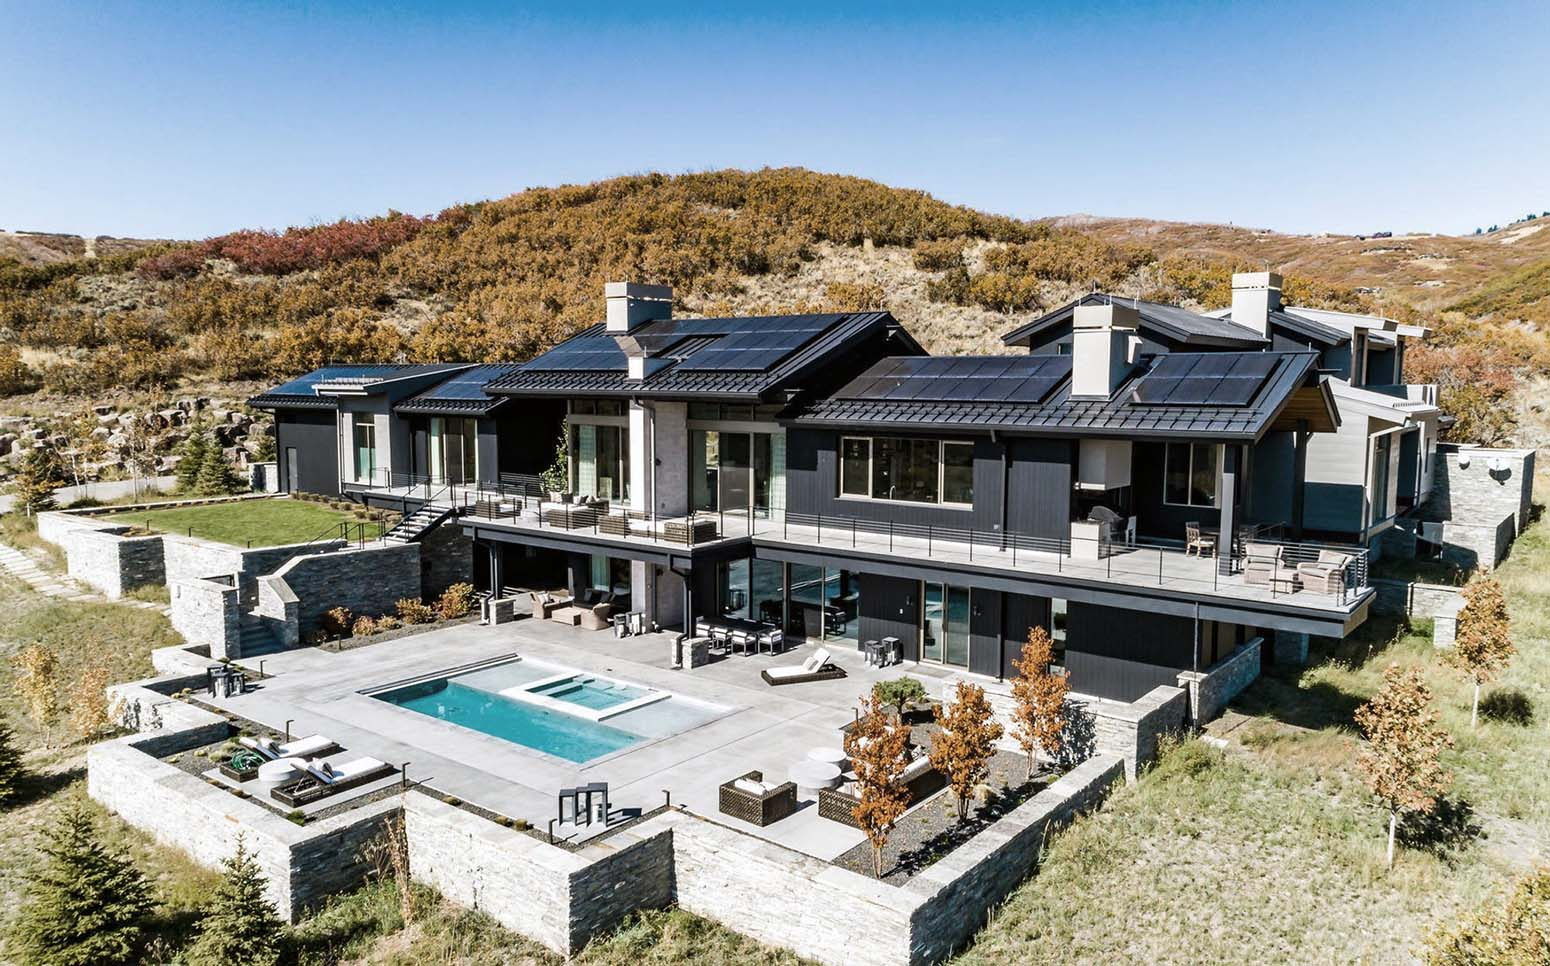 Stunning all black hillside custom home